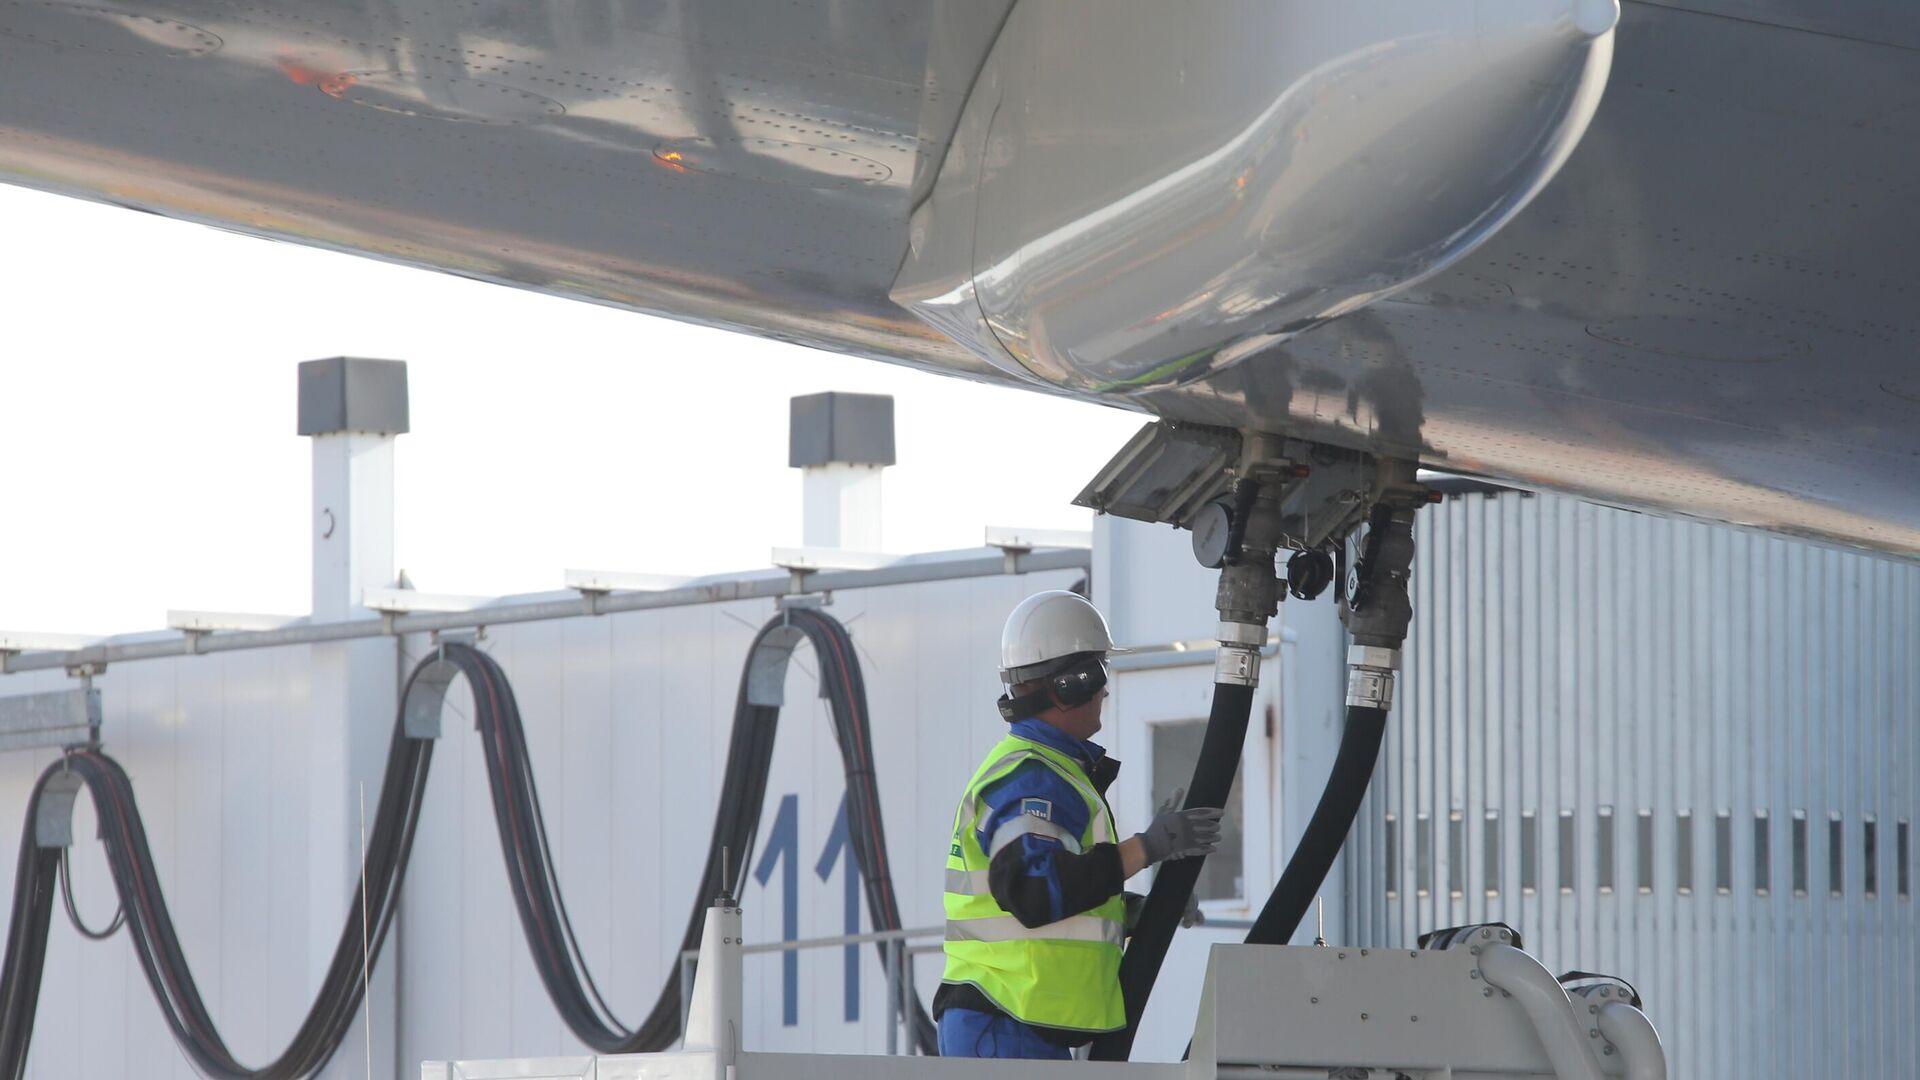 В ФАС рассказали о работе по сдерживанию роста цен на авиакеросин